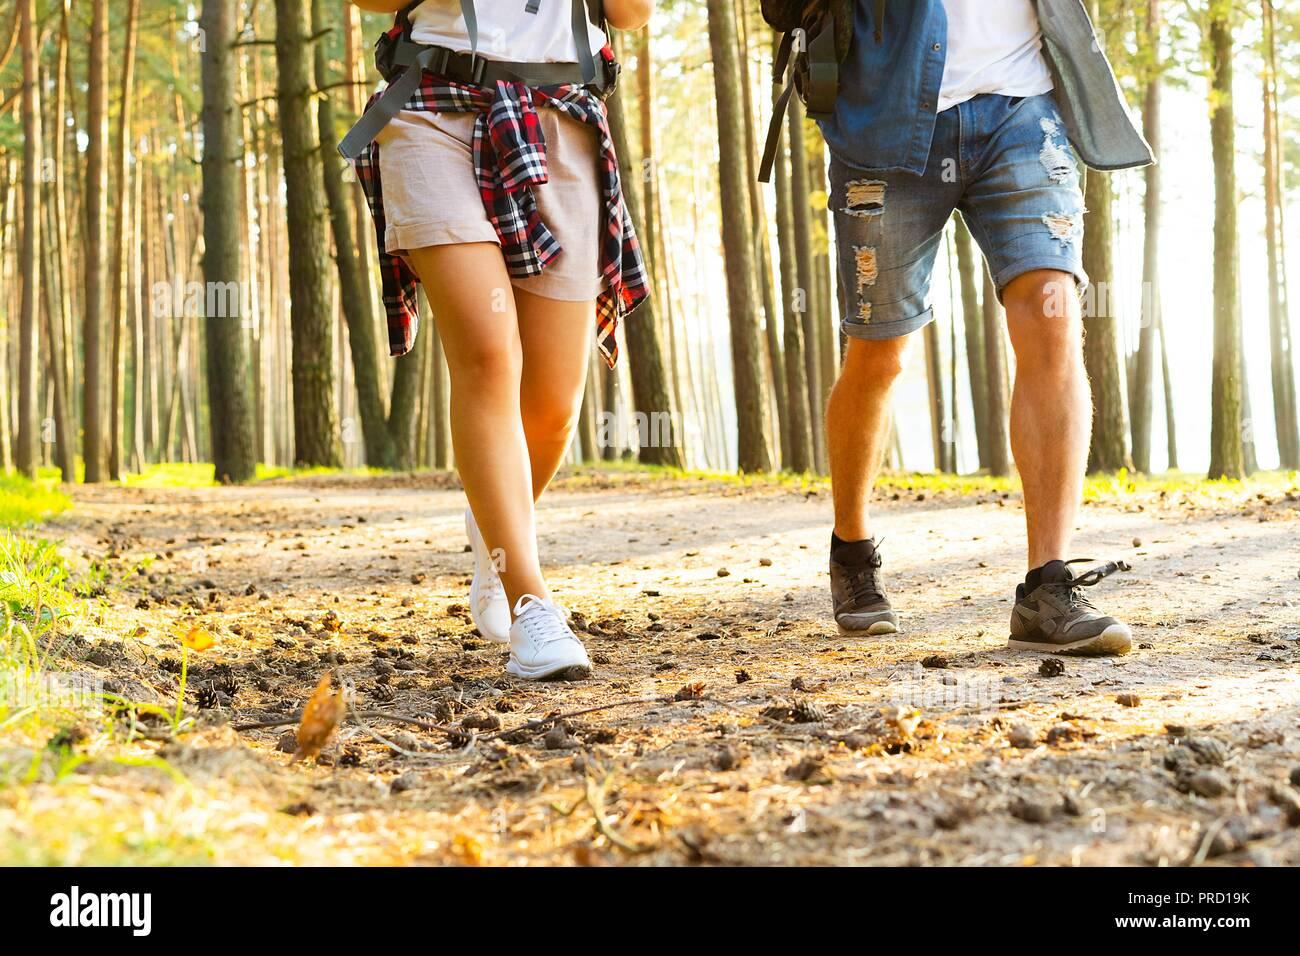 Schwierige Route. Schöne junge Paar wandern gemeinsam in den Wald, während Ihre Reise genießen. Stockfoto